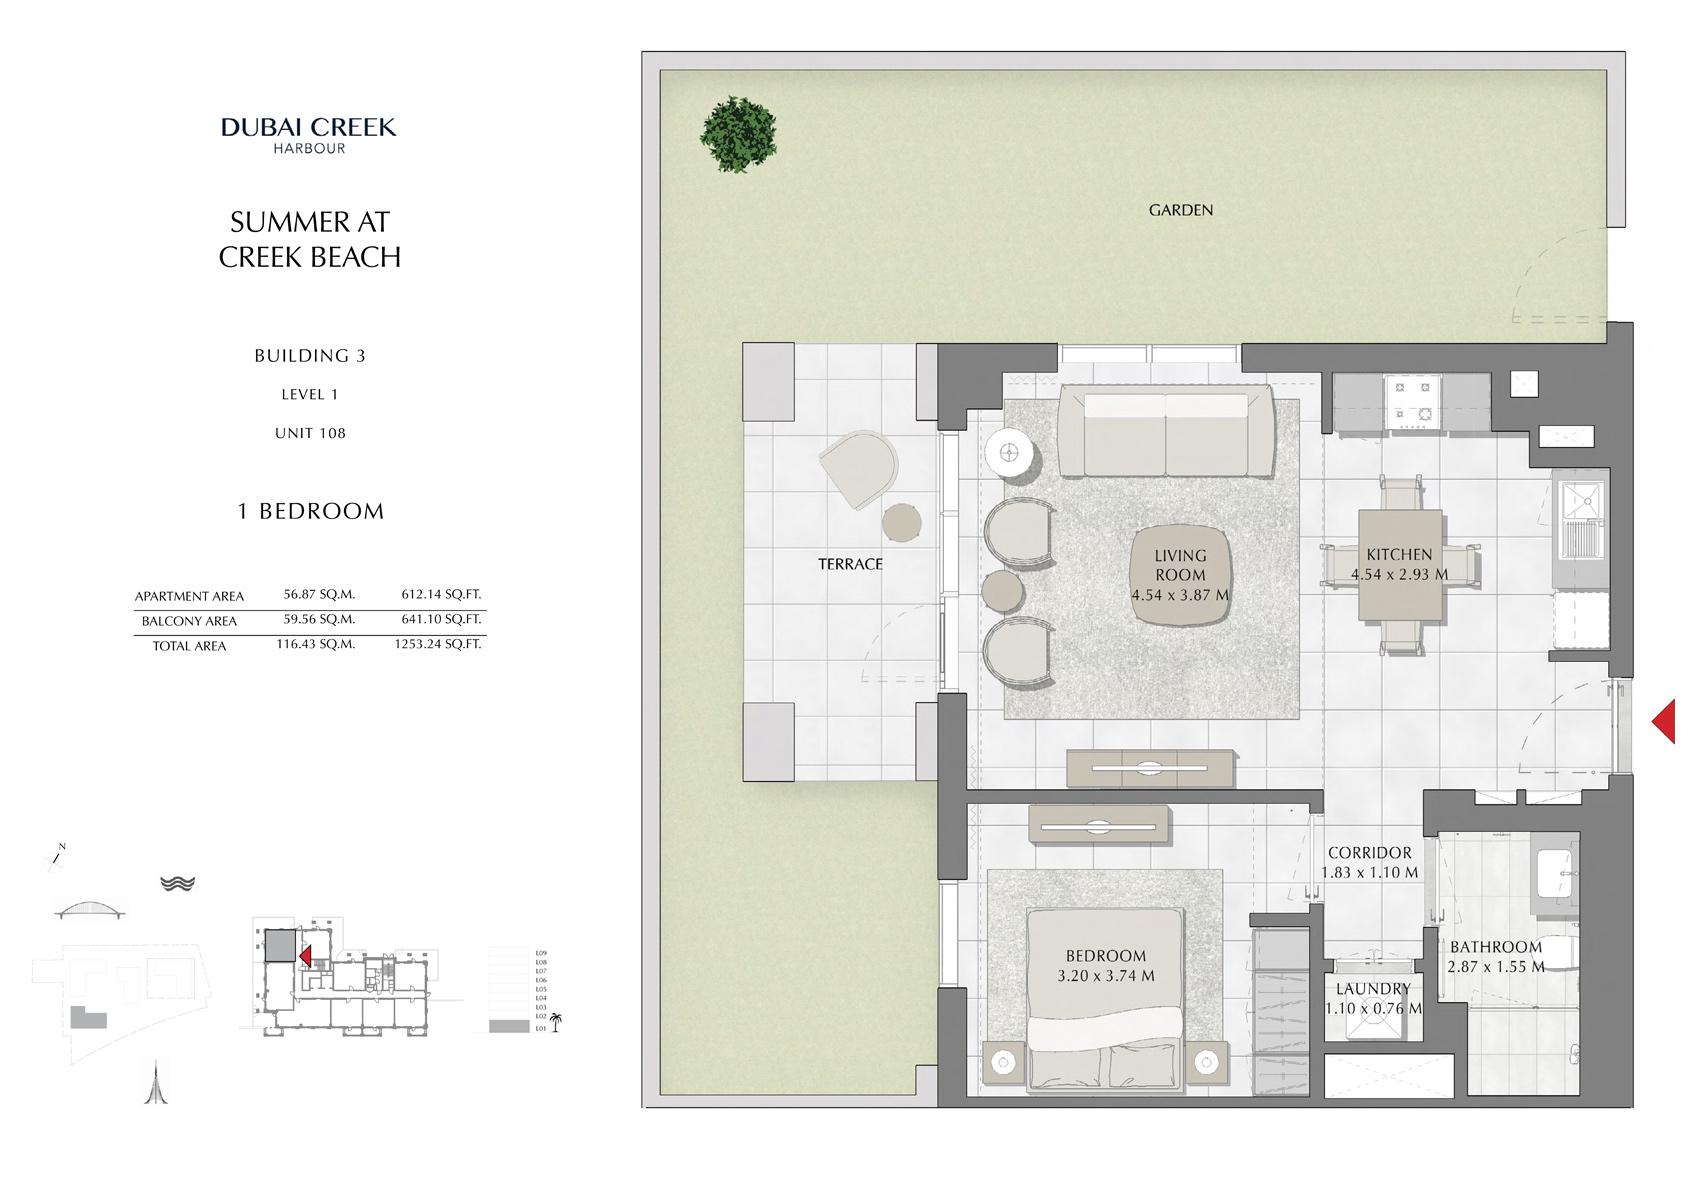 1 Br Building 3 Level 1 Unit 108, Size 1253 Sq Ft